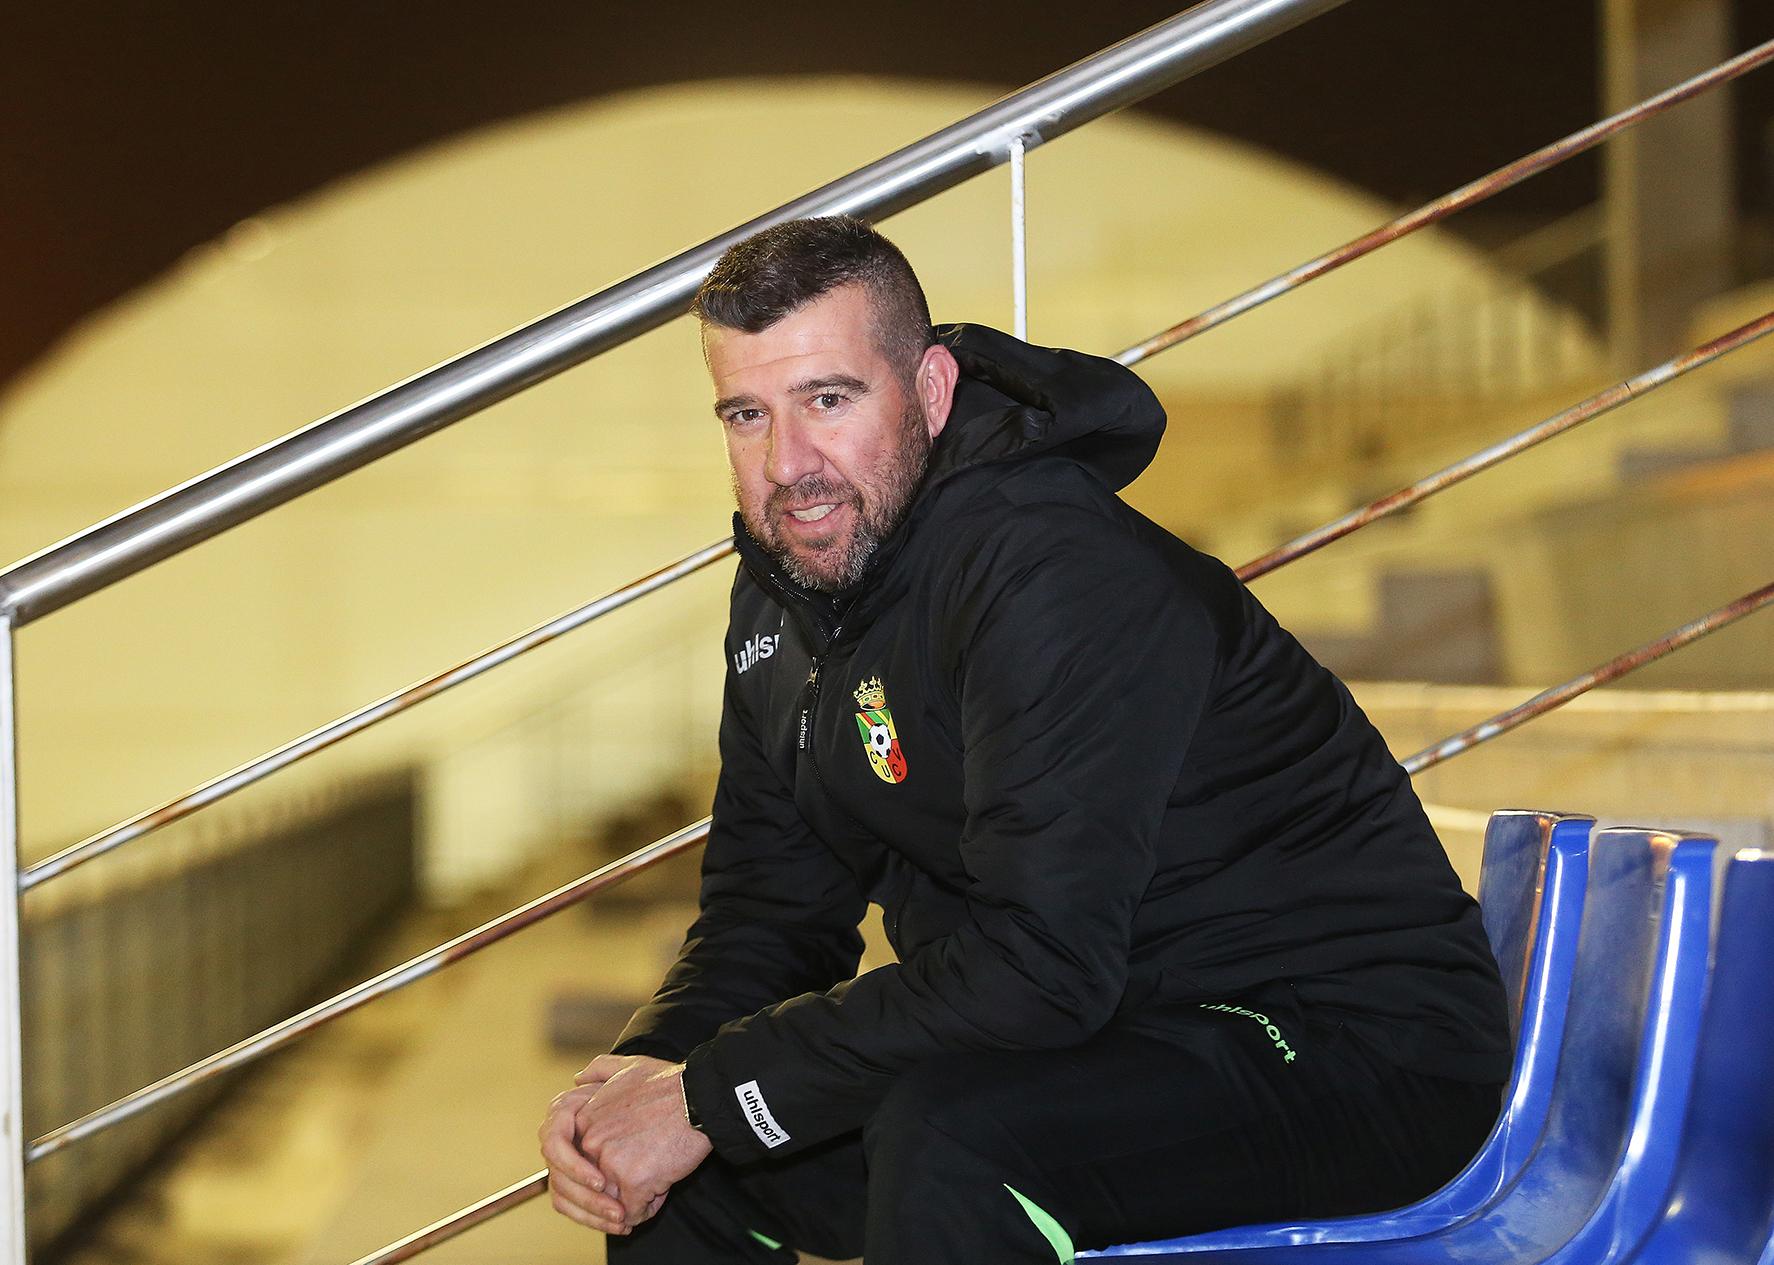 entrenador cuc villalba 1